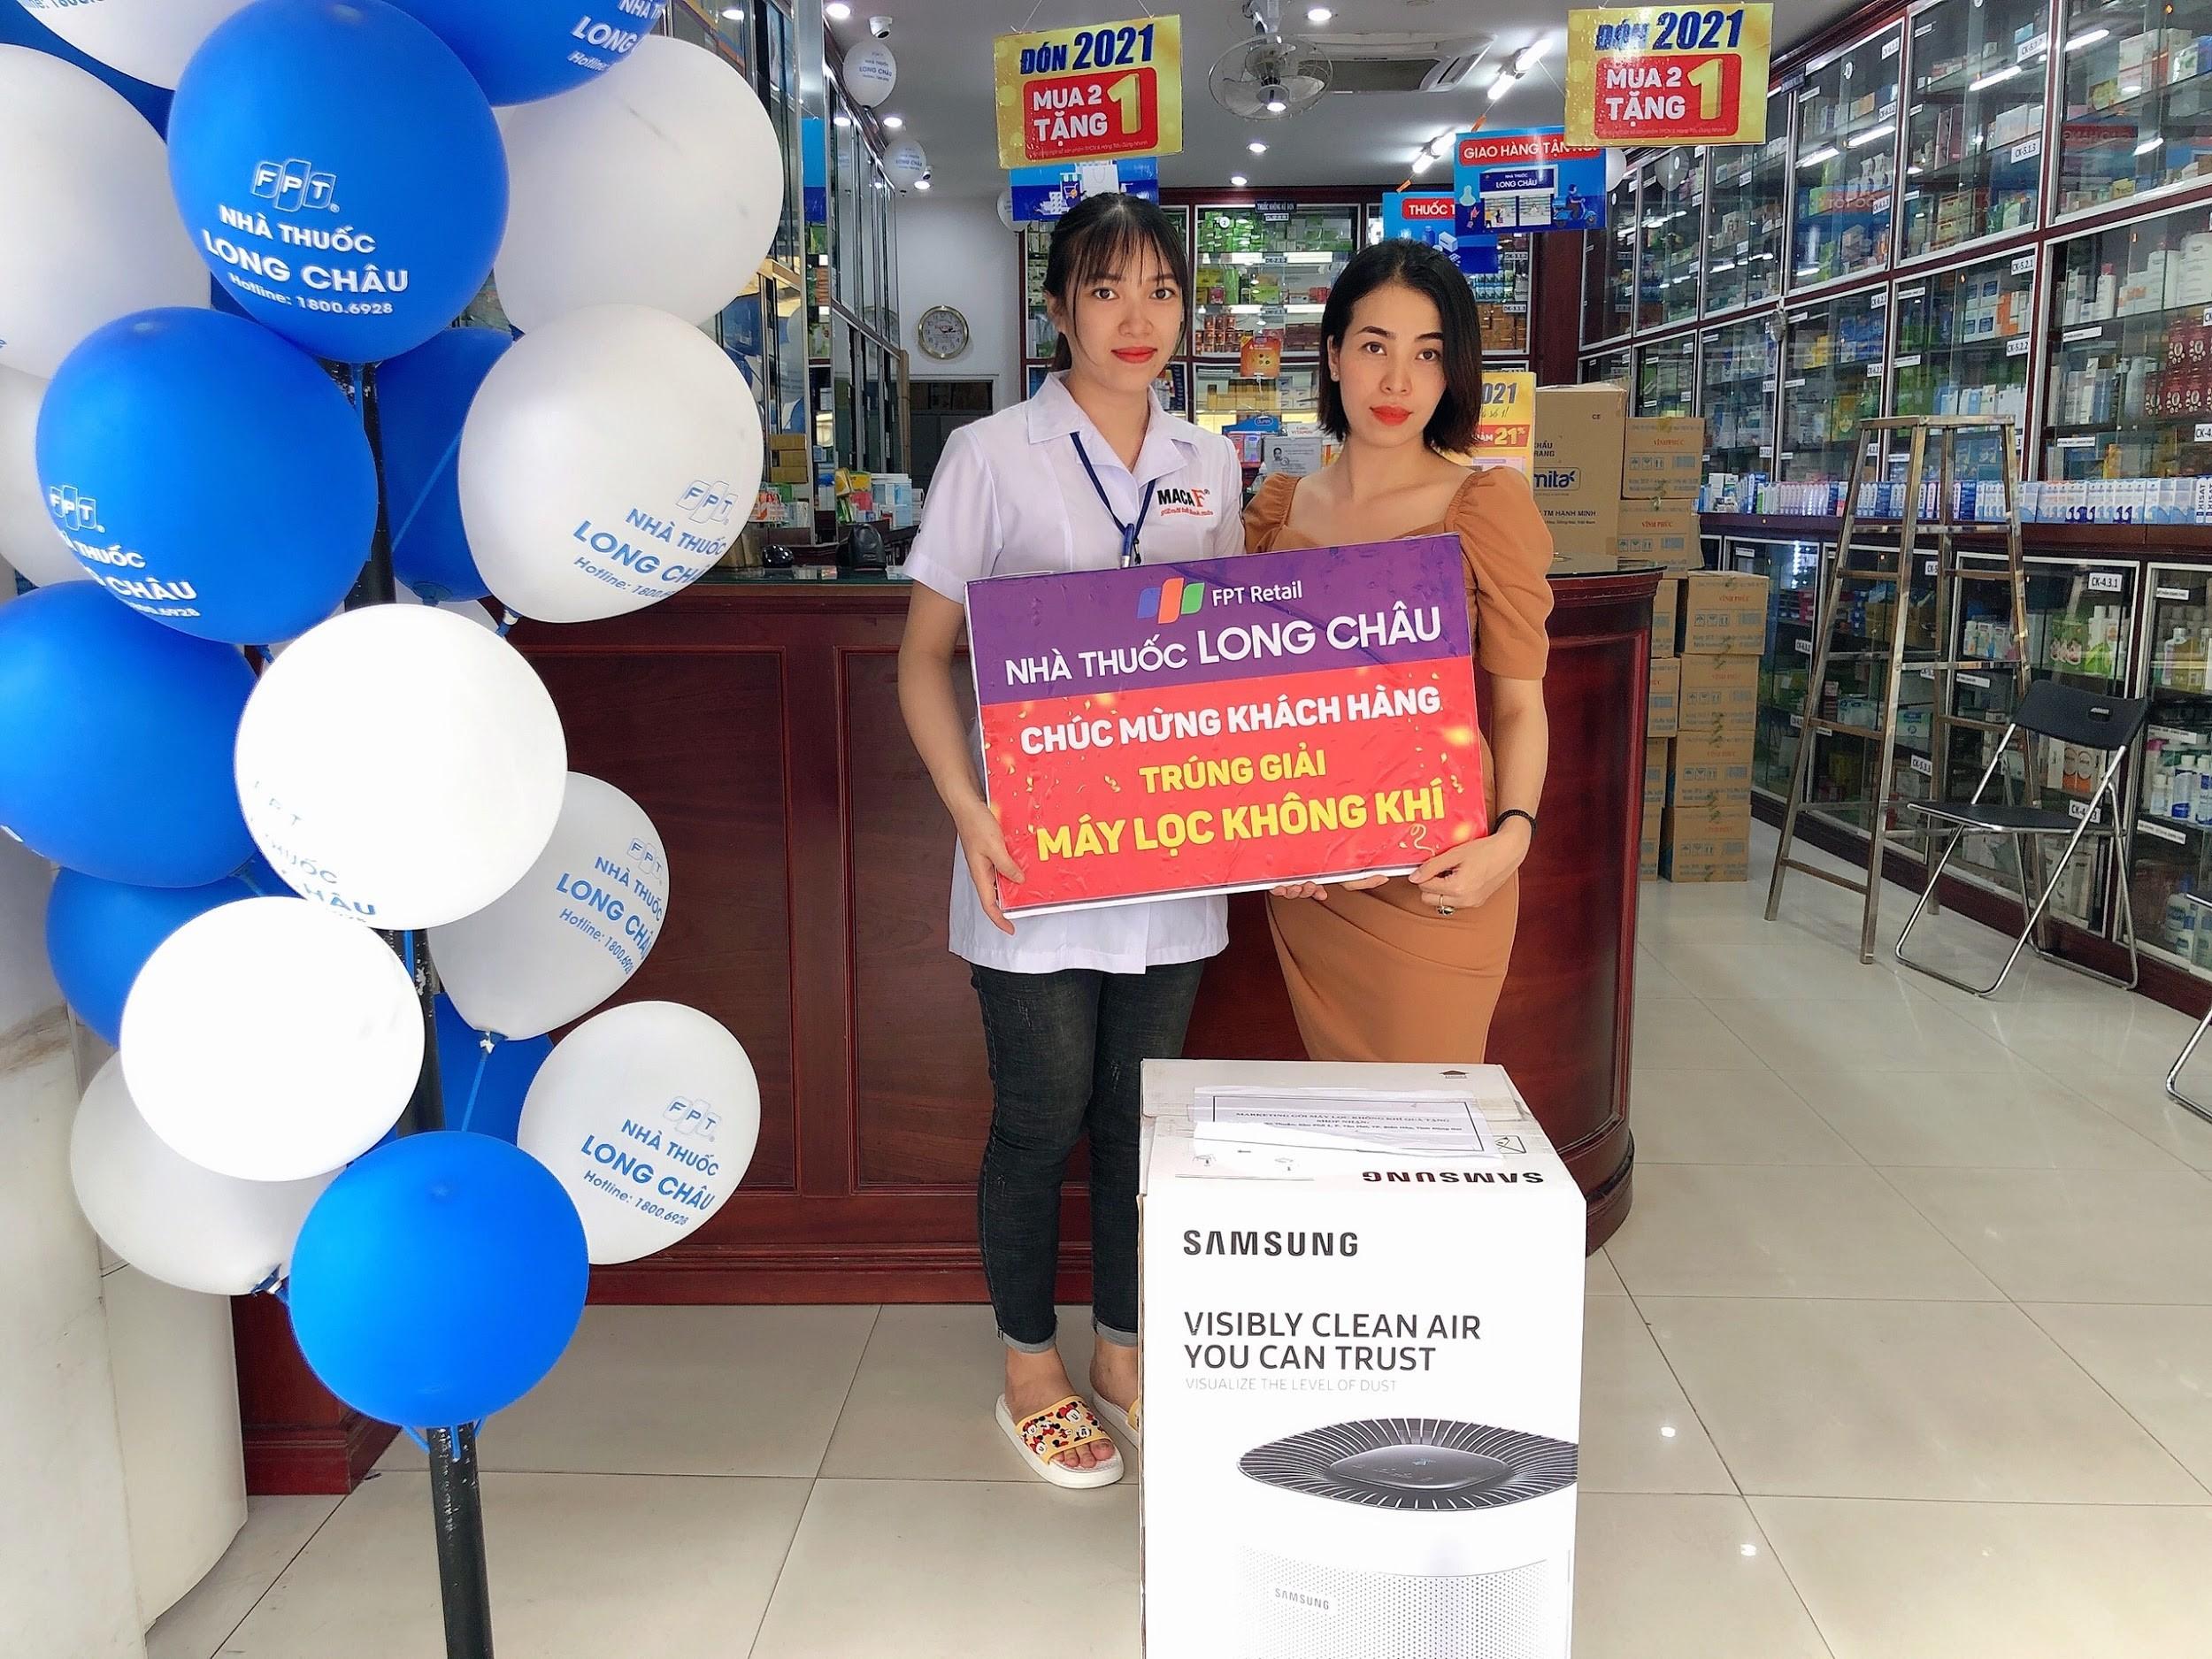 FPT Long Châu trao thưởng 200 triệu đồng sau khi vượt mốc 200 nhà thuốc - Ảnh 2.